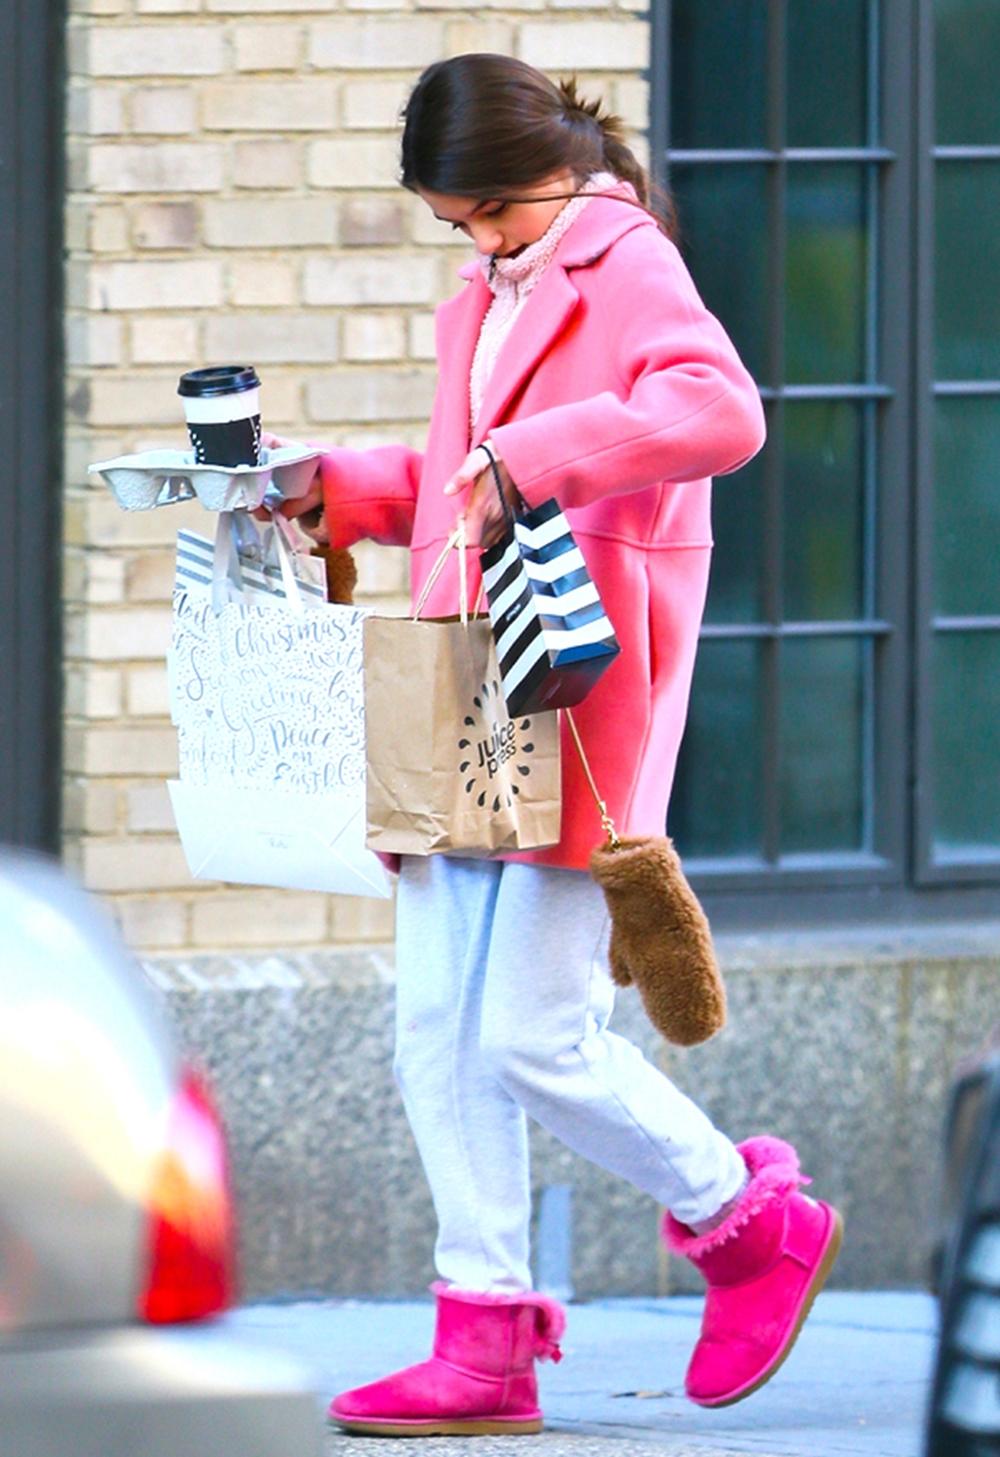 Sao tuổi teen thu hút sự chú ý của các ống kính khi mix-match áo khoác, boots hồng đậm, áo len hồng nhạt và quần thể thao hồi cuối tháng 12/2019.